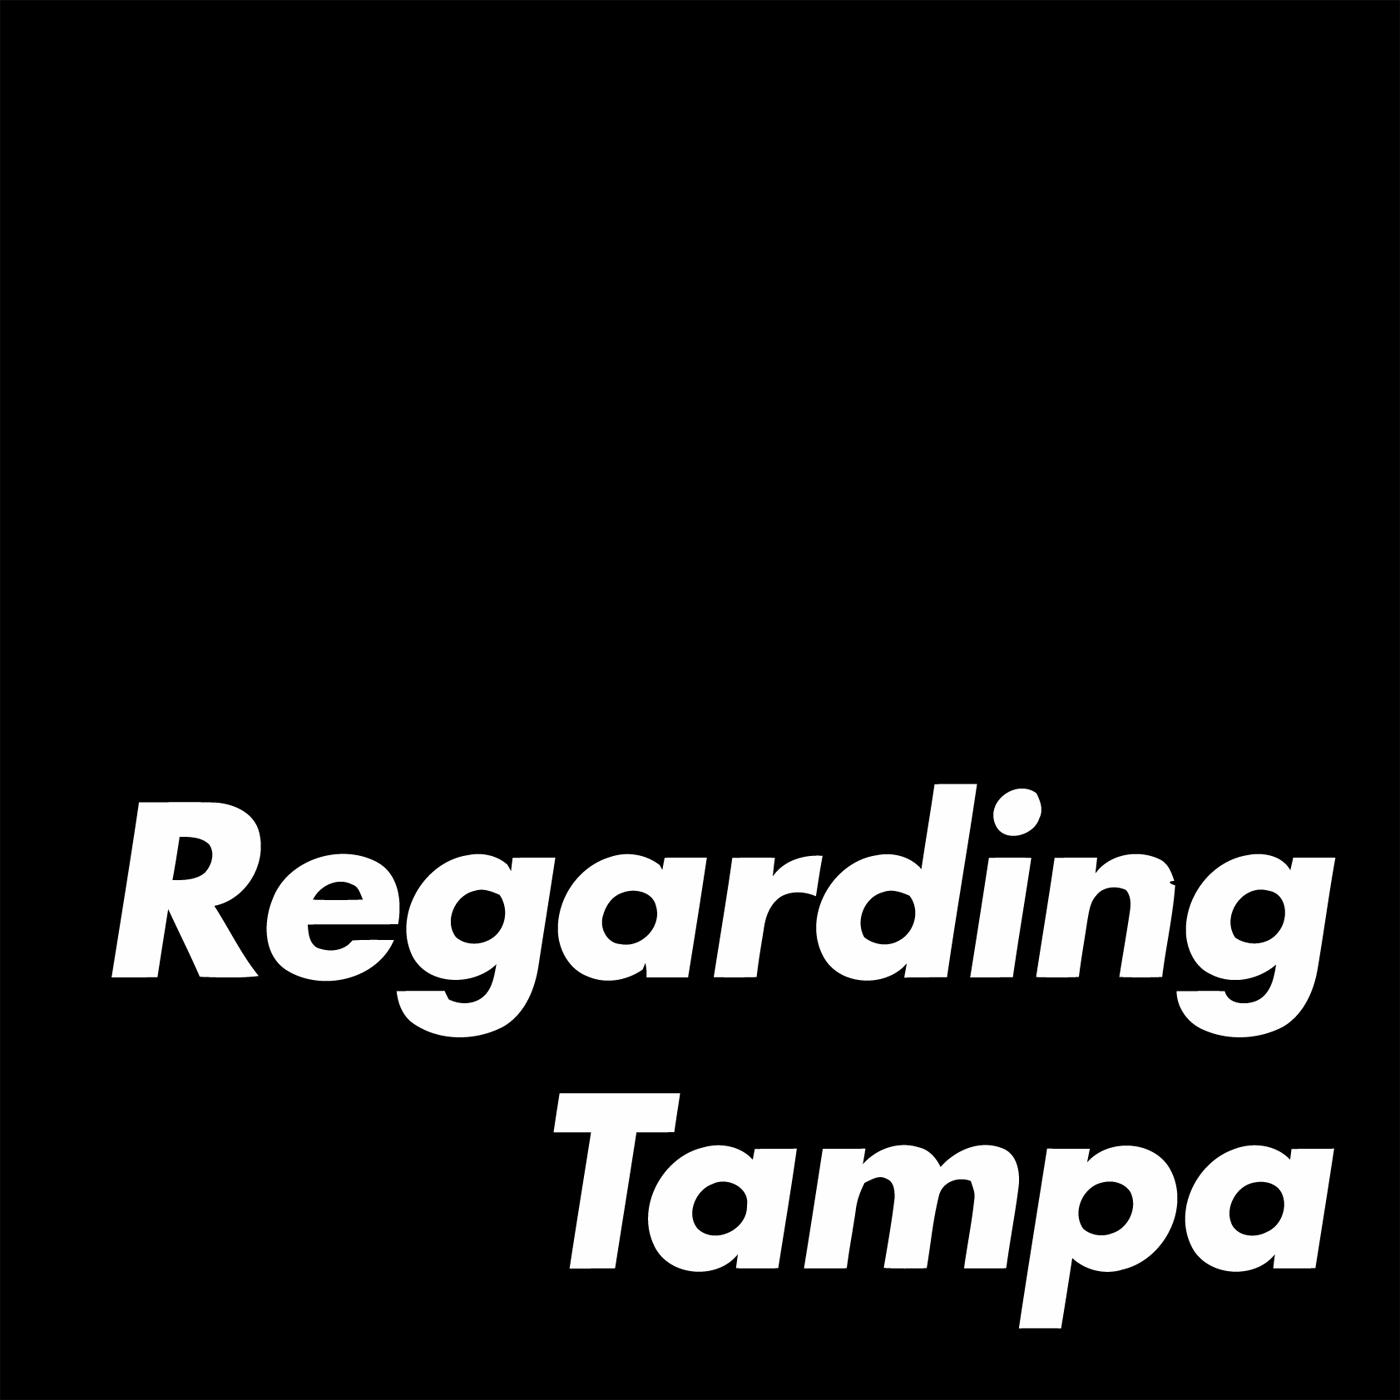 Regarding Tampa